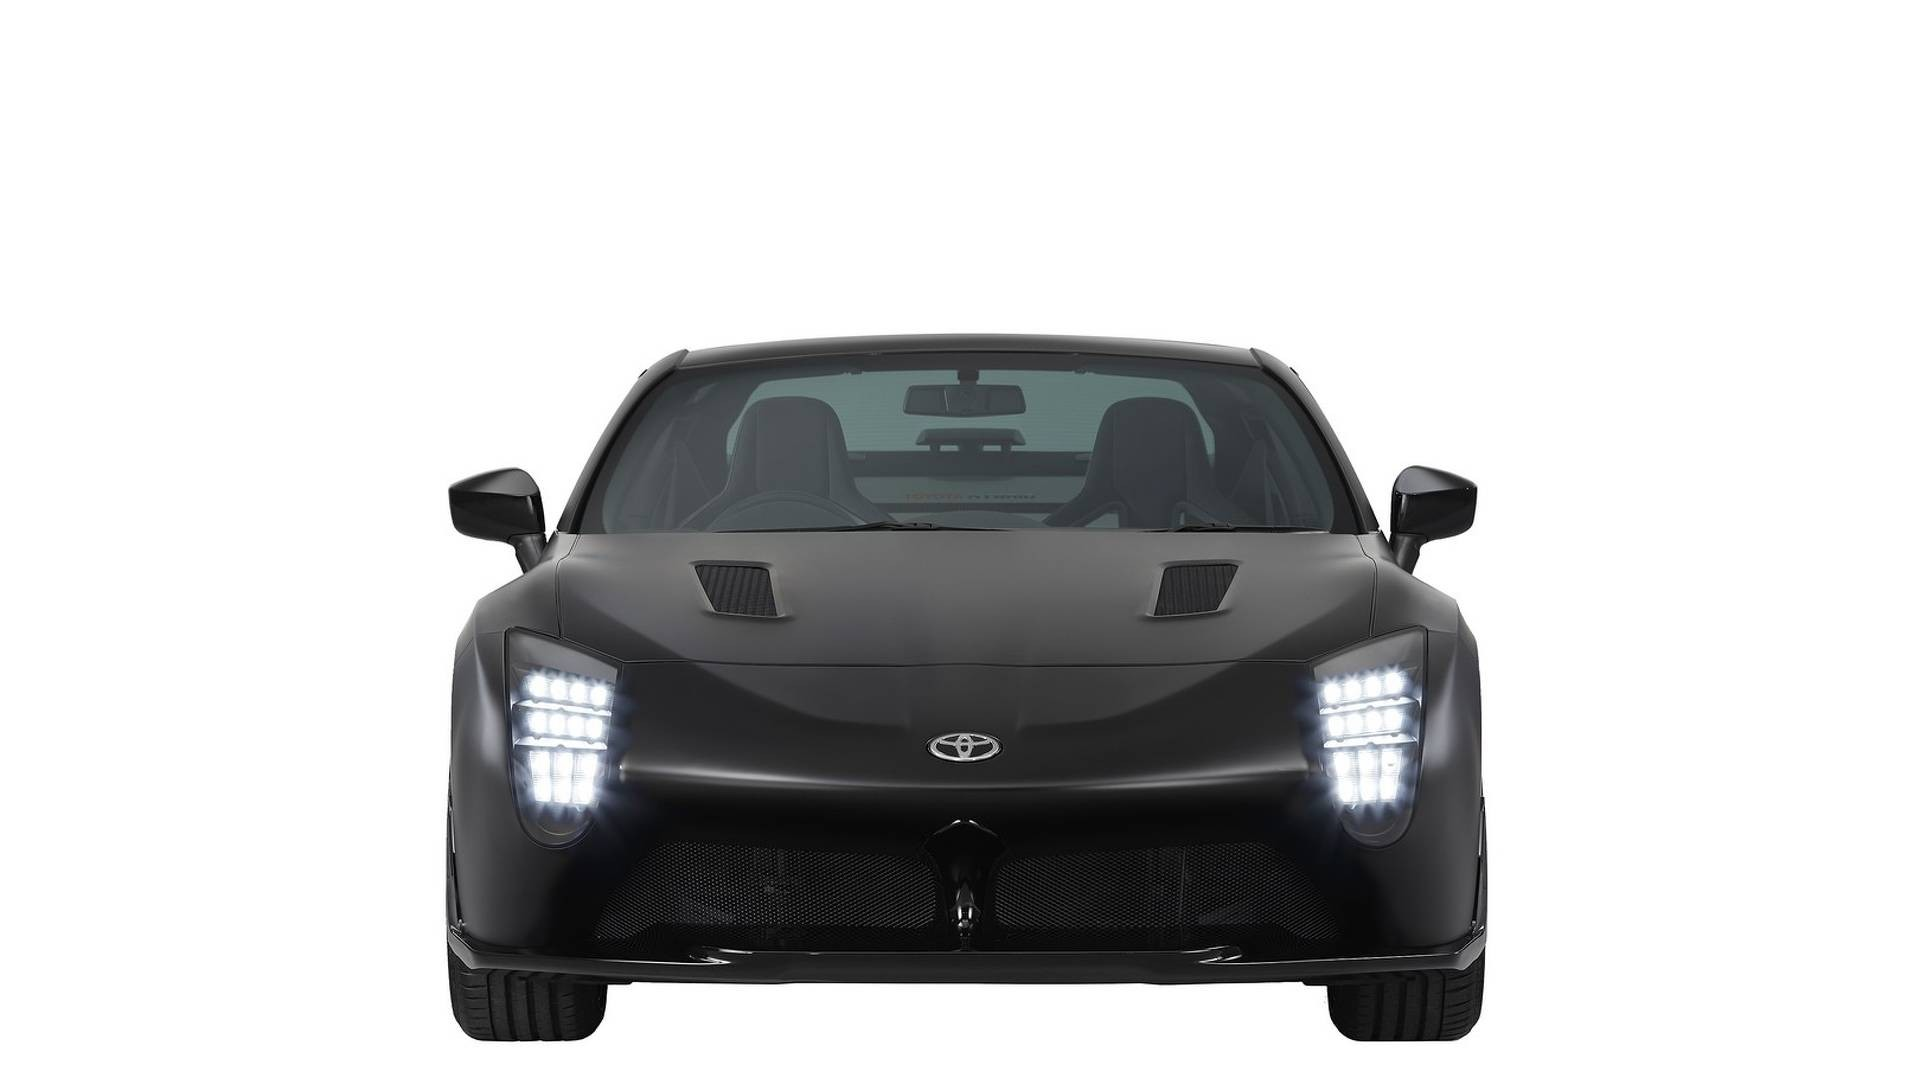 Предвестник новоиспеченной Тойота GT86 получил кузов «тарга»